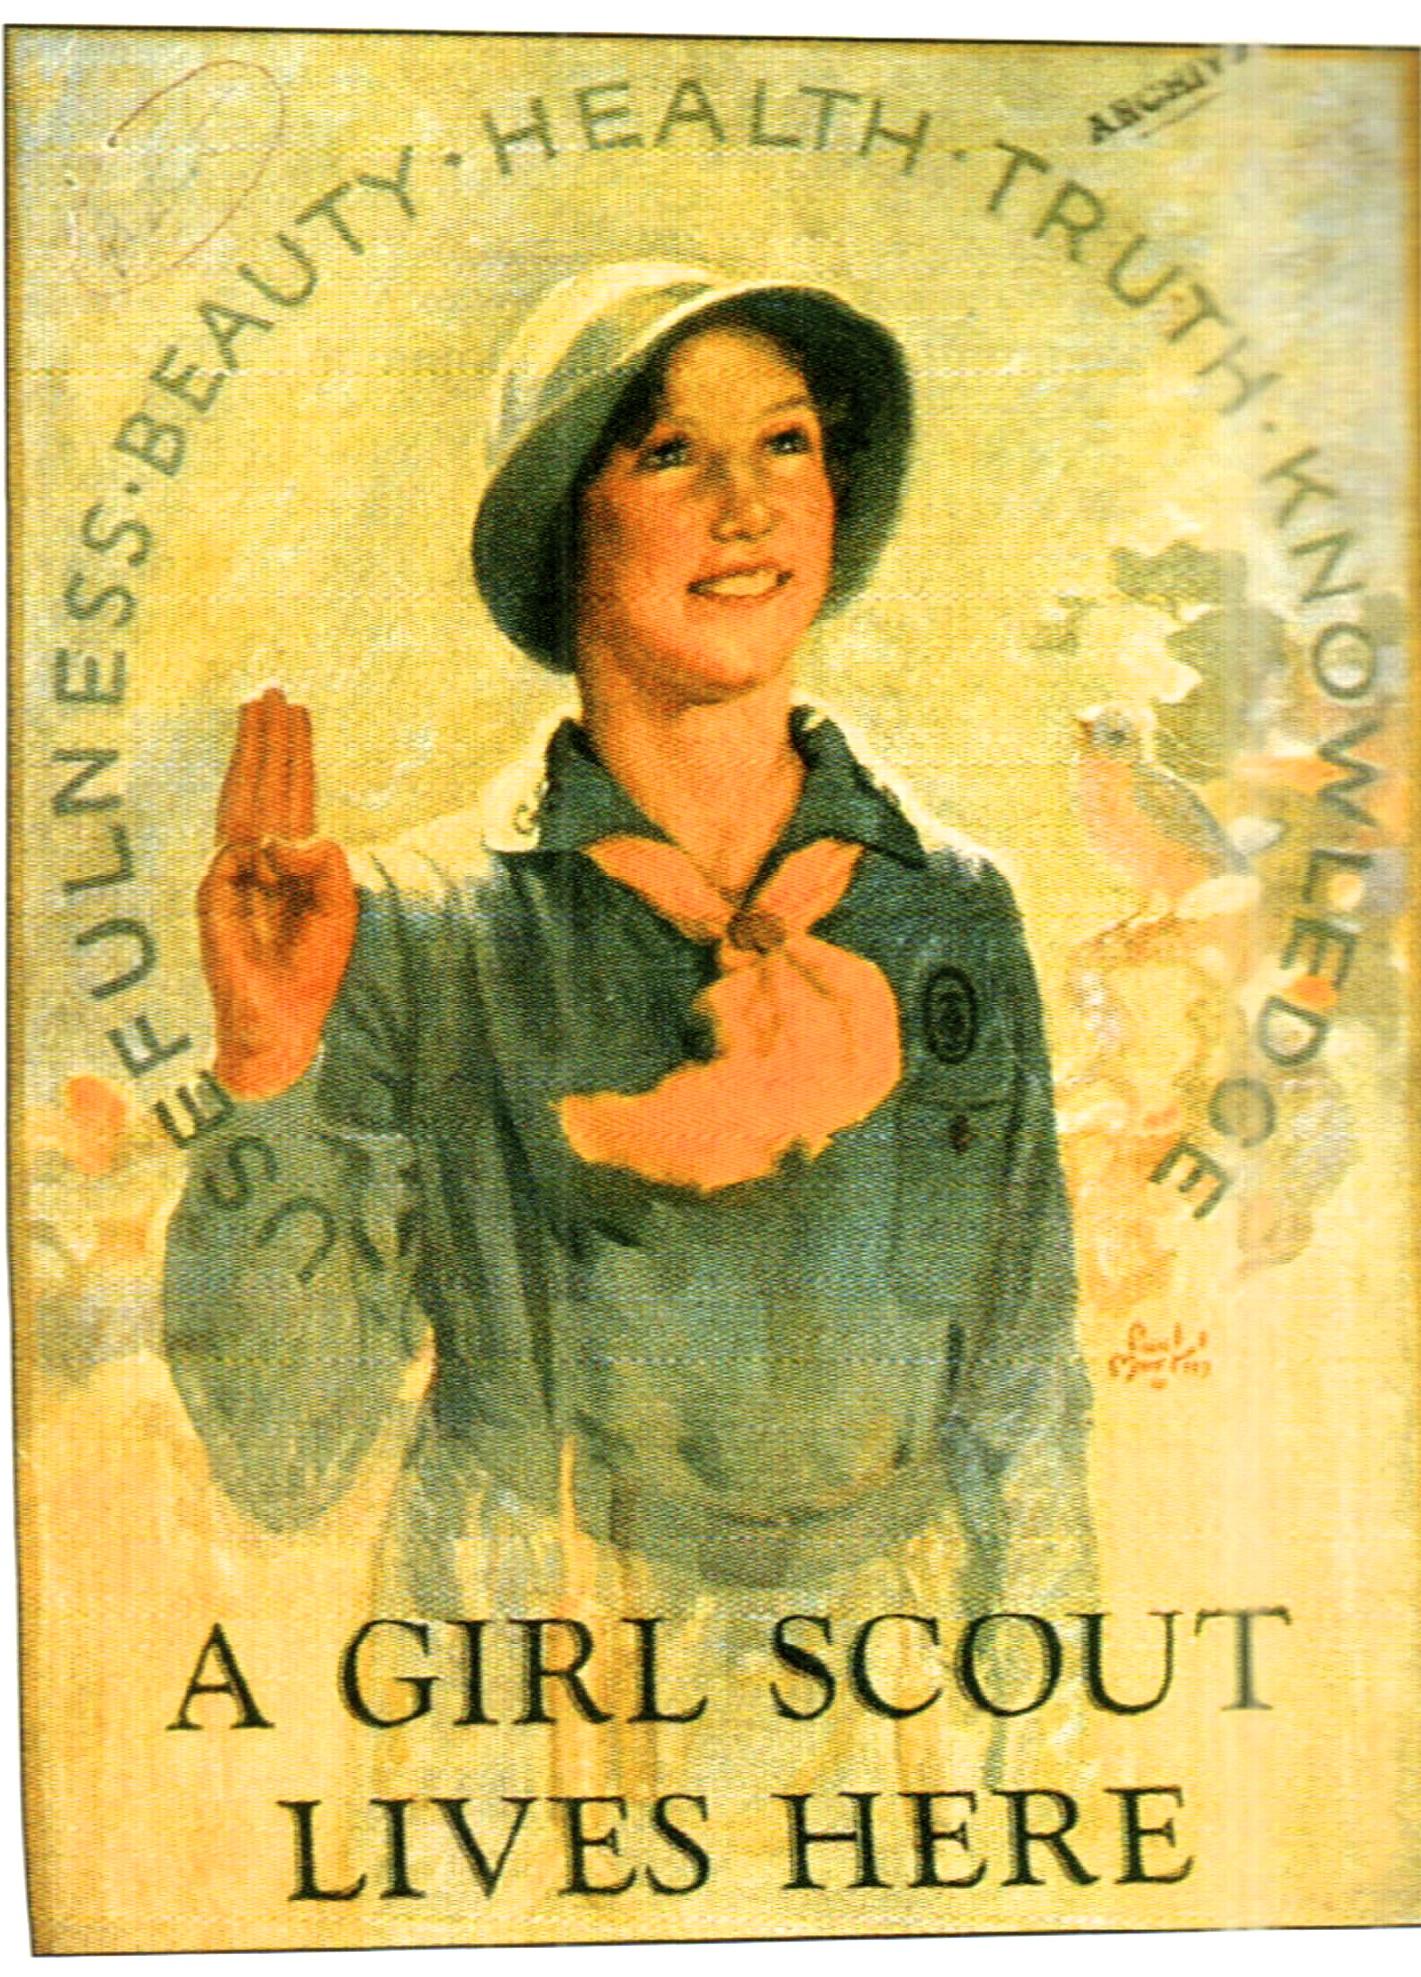 Hier leeft een scout... of hoe letterlijke vertalingen ons leven binnendringen